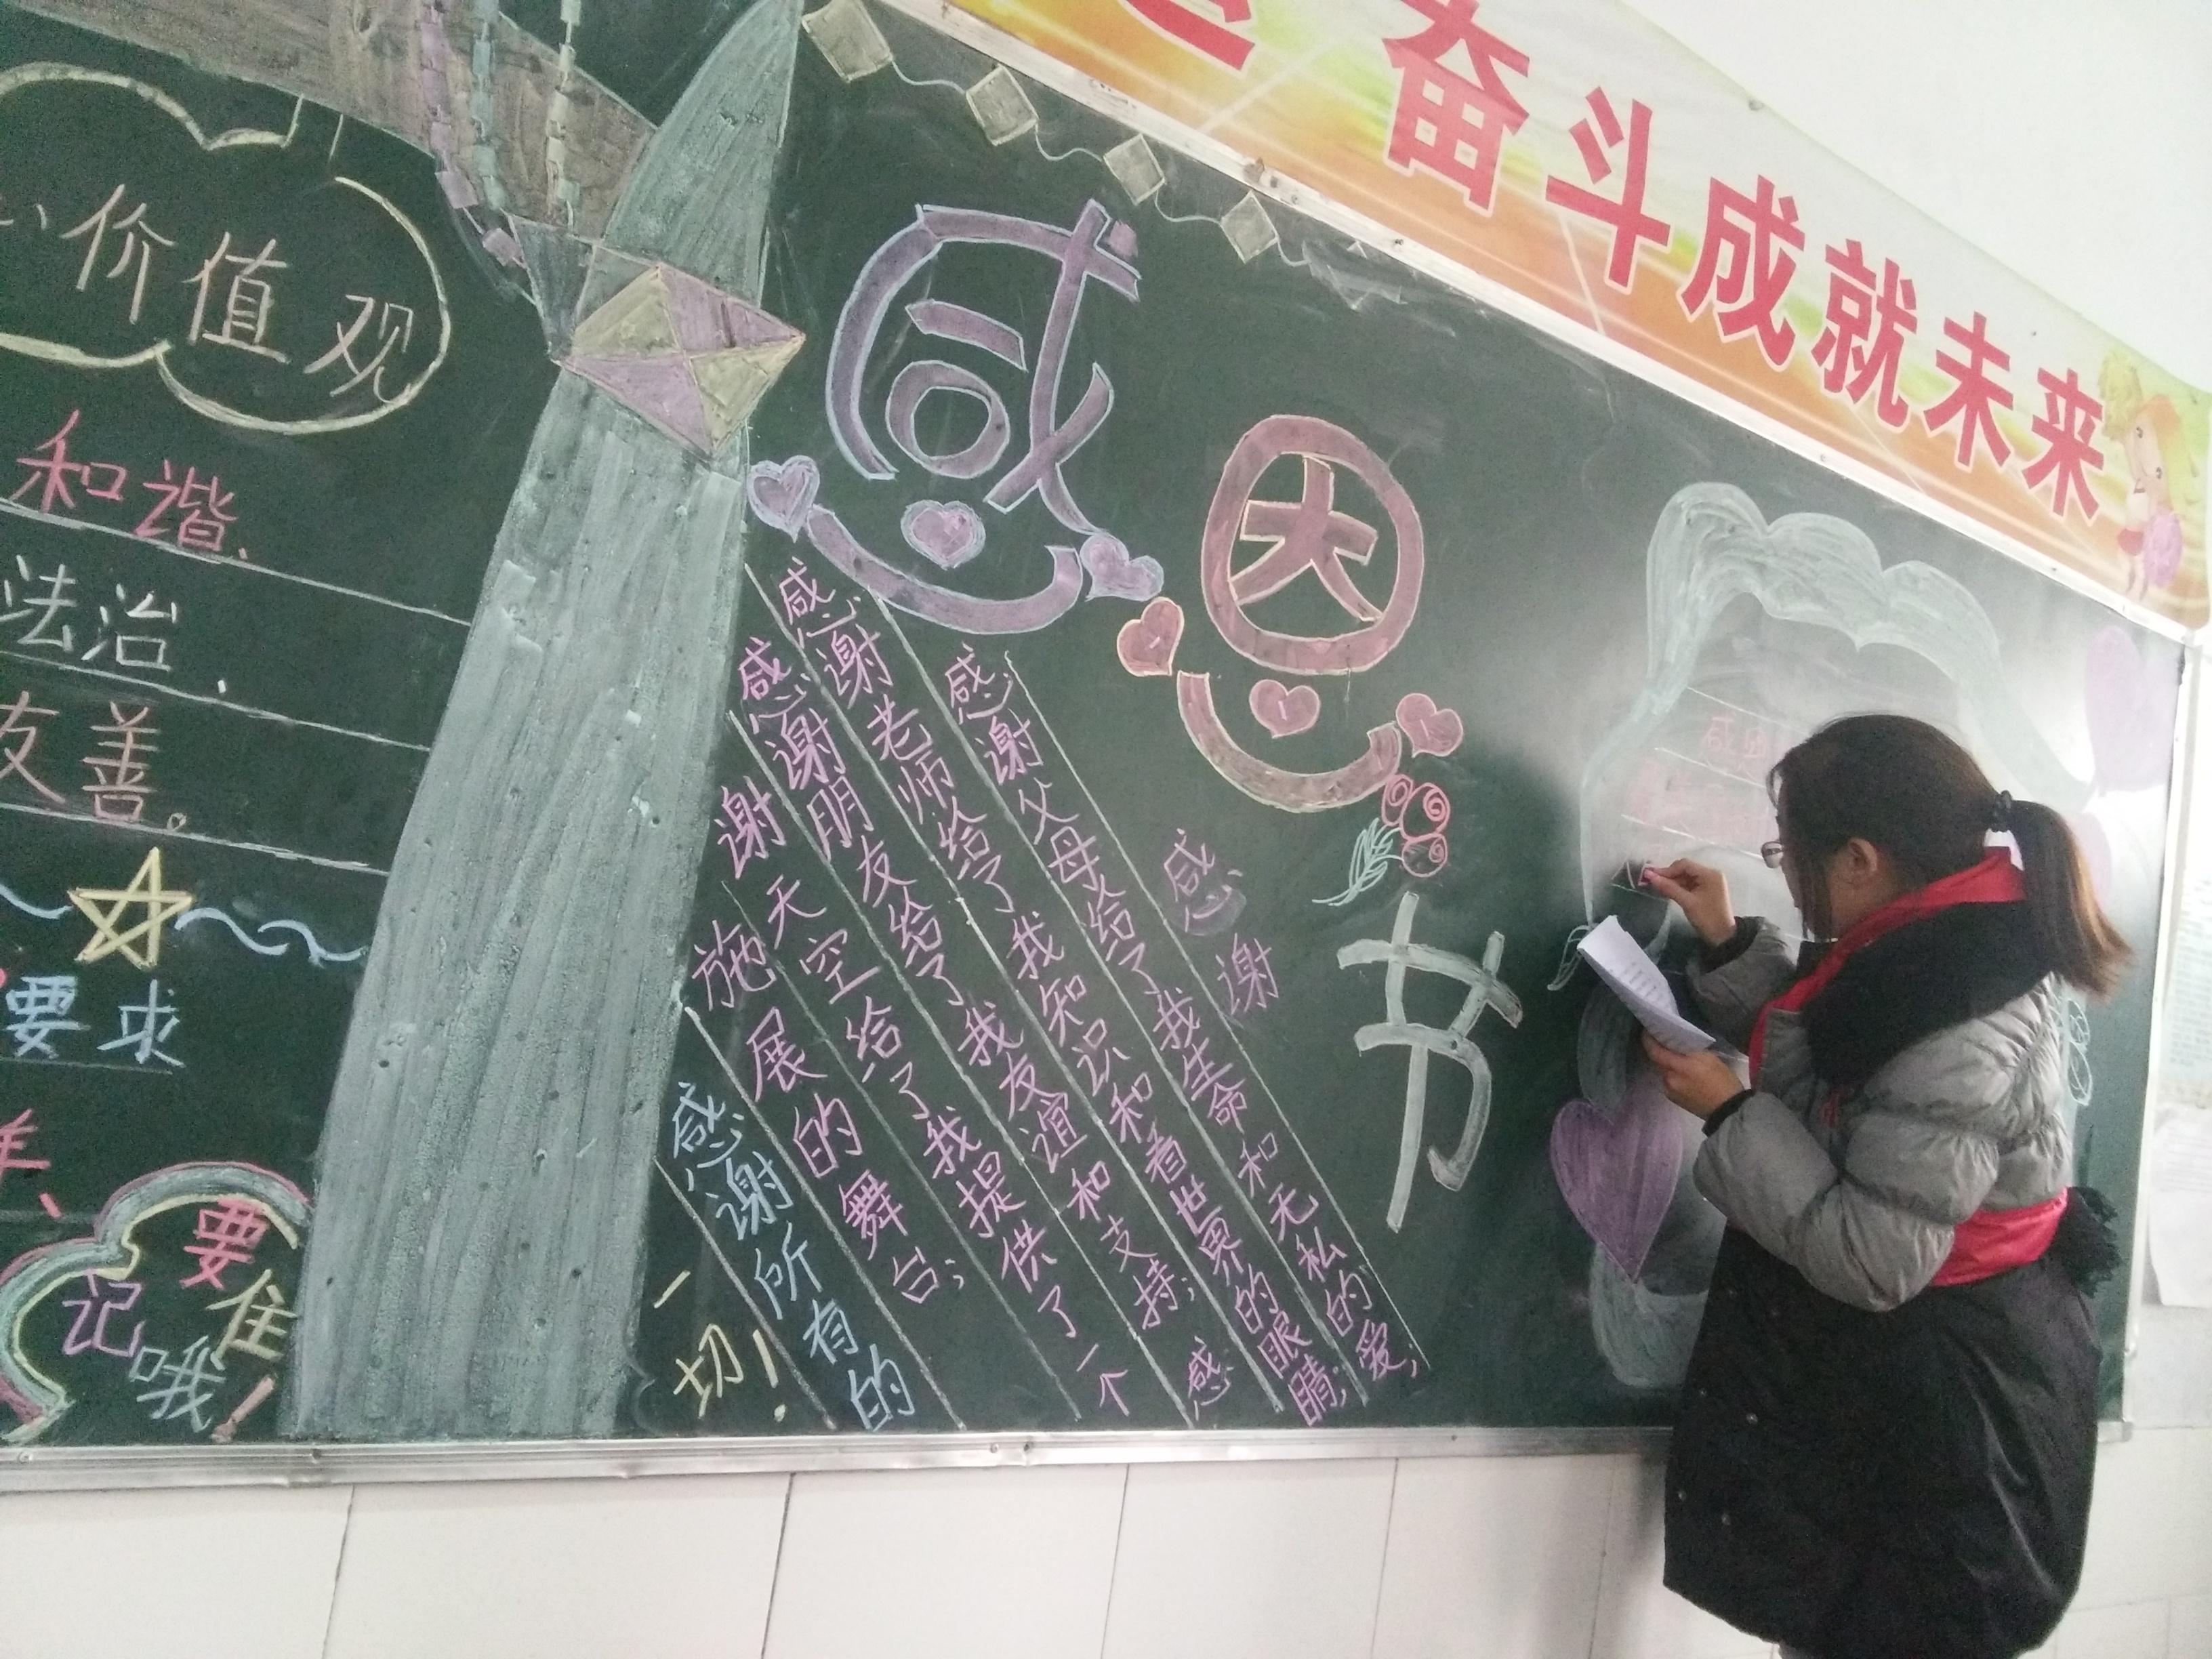 郑州市惠济区京水回民小学感恩节出黑板报